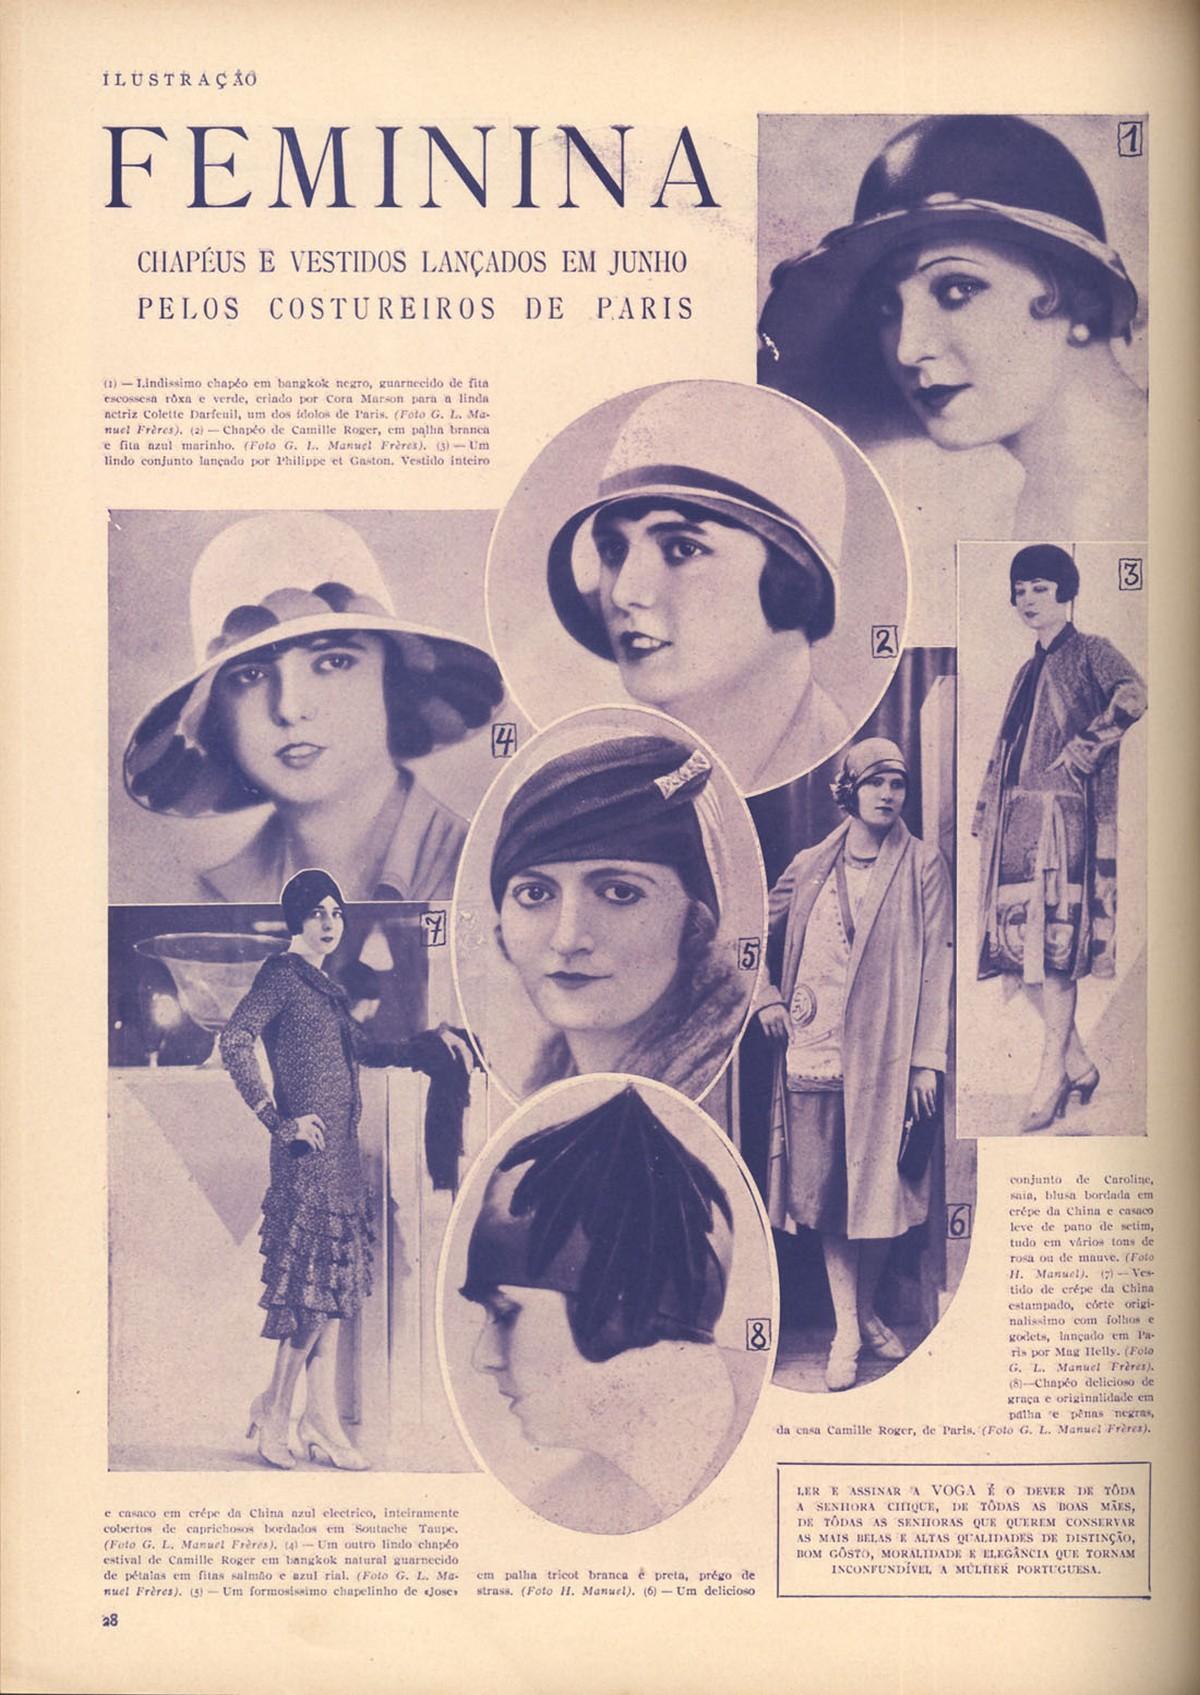 Chapéus e vestidos lançados por estilistas de Paris em 1928.